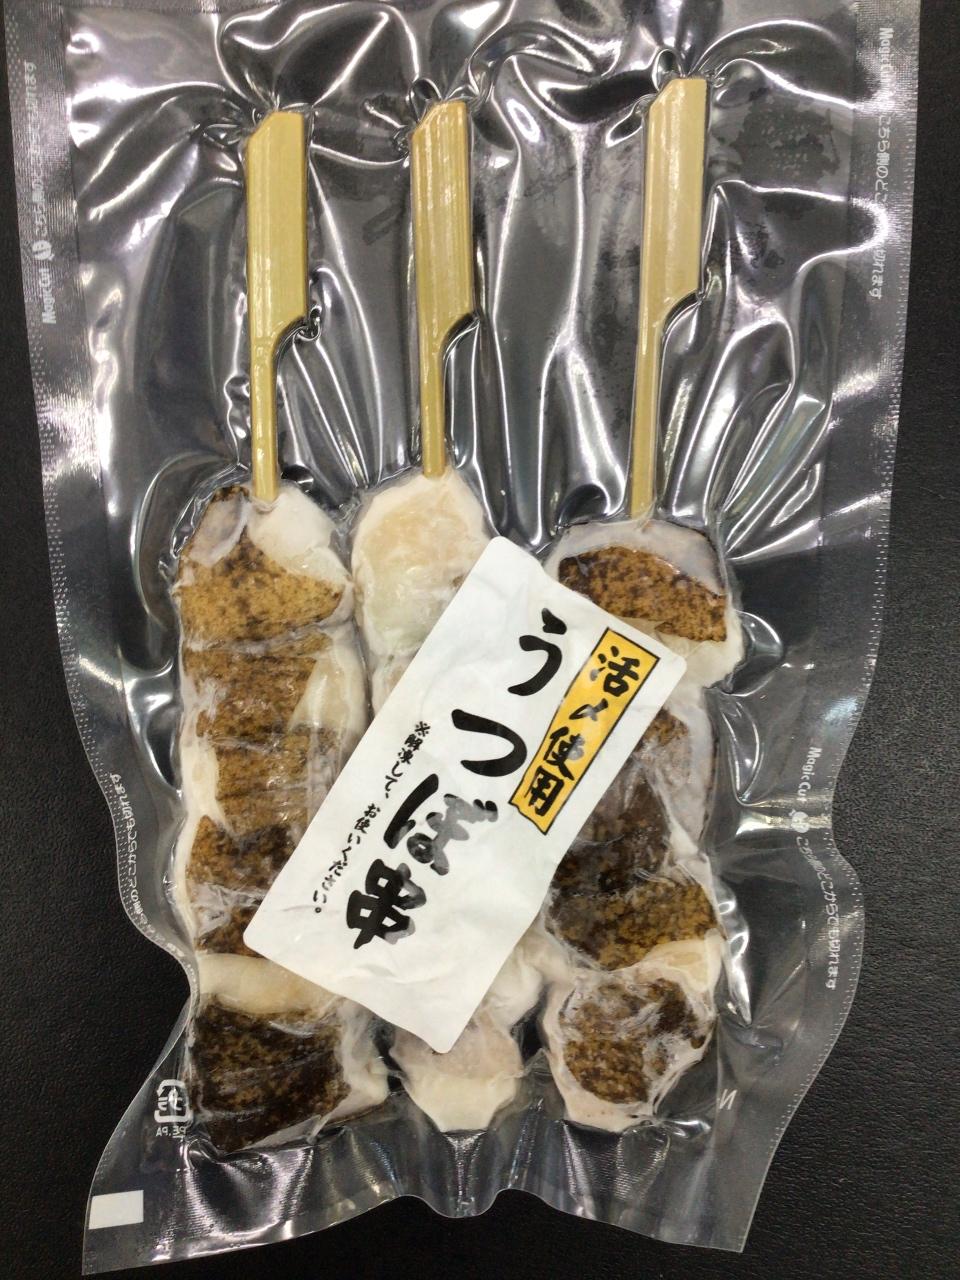 キャンプ、バーべーキュー、アウトドアに使えるうつぼ料理のご案内。釣太郎キッチンでは、紀州産活ウツボだけを使用しています。